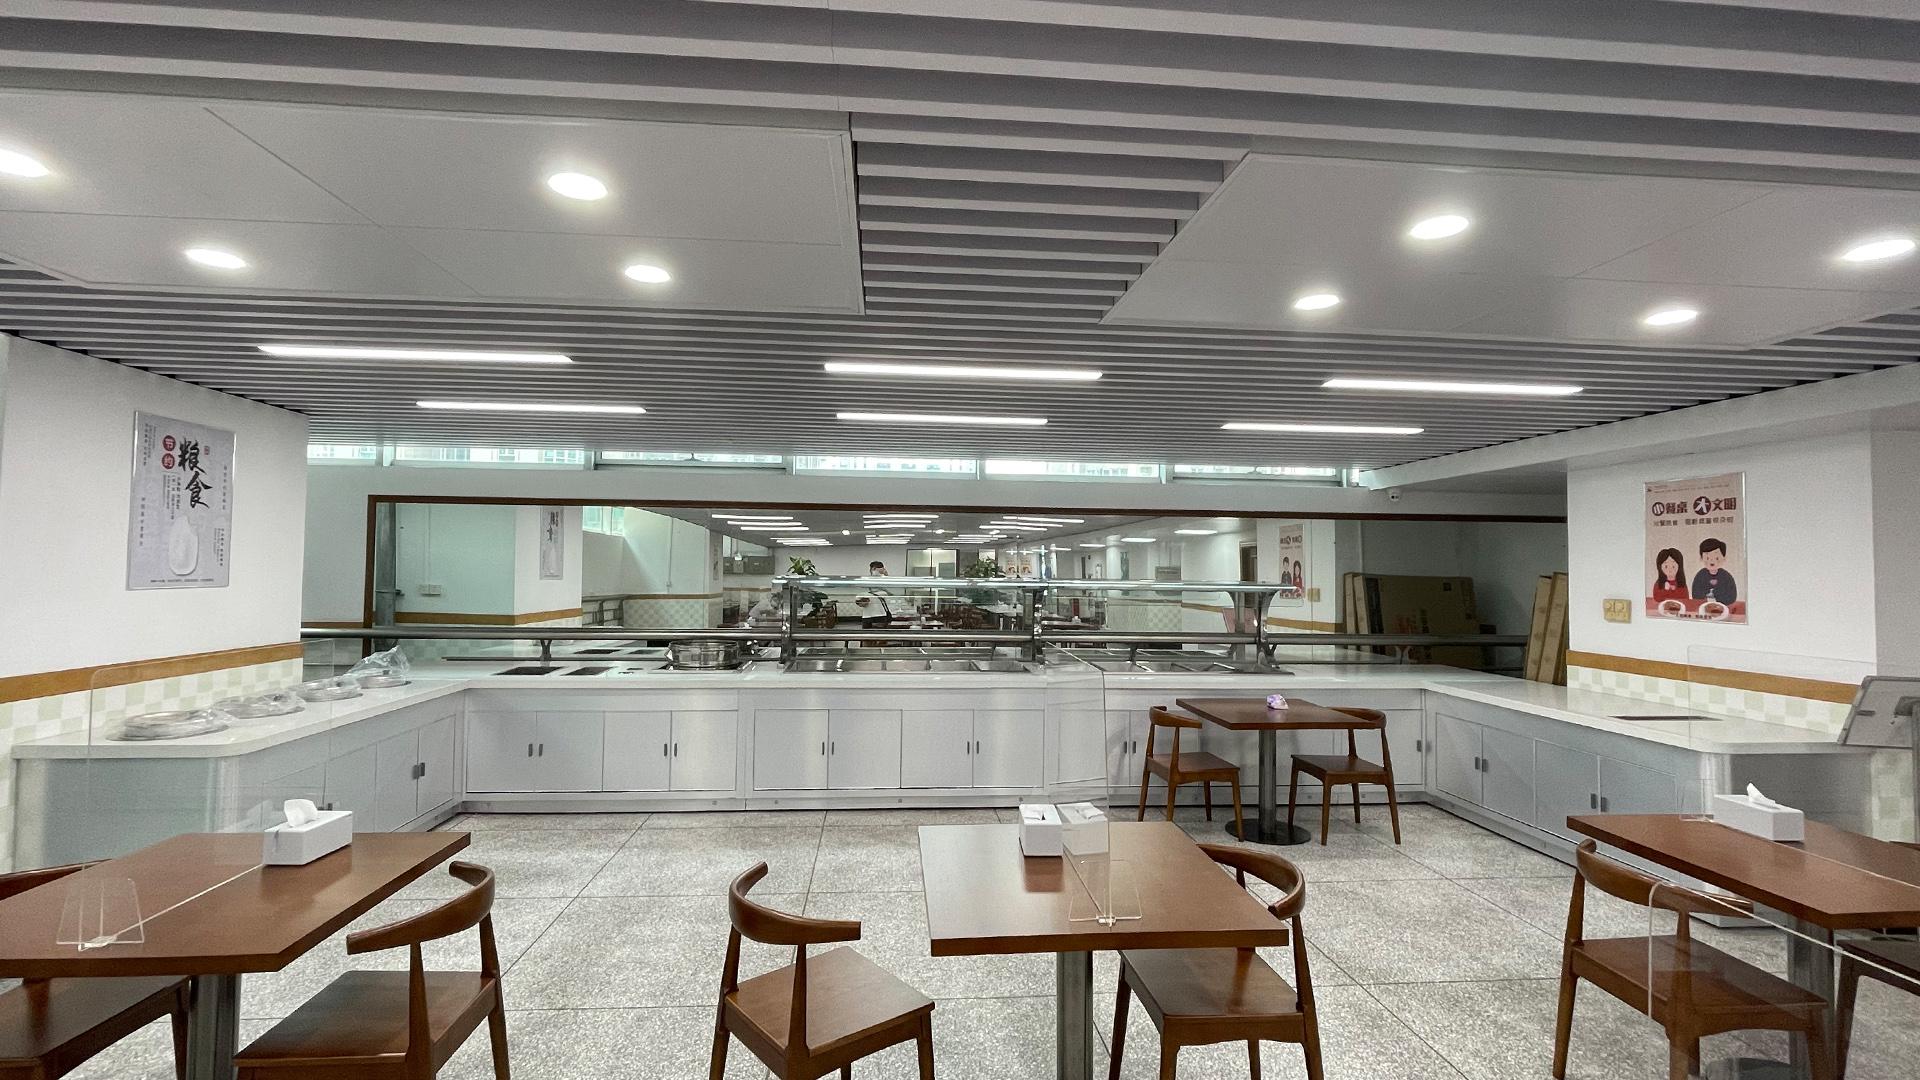 200-350 personas en el gran equipo de cocina de diseño de cocina de comida rápida